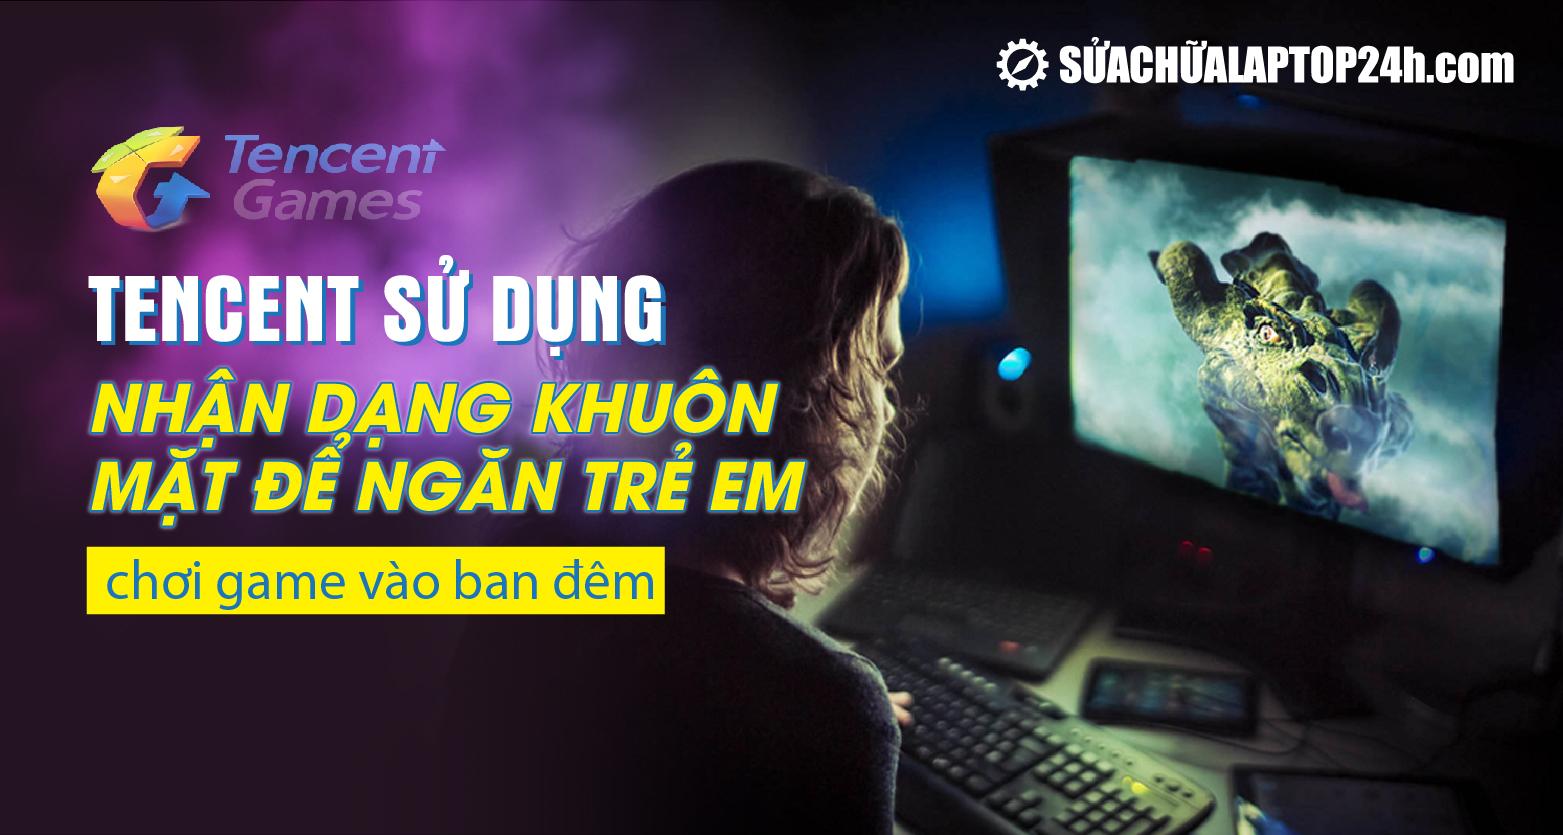 Tencent Games kiểm soát việc chơi game ở thanh thiếu niên dưới 18 tuổi